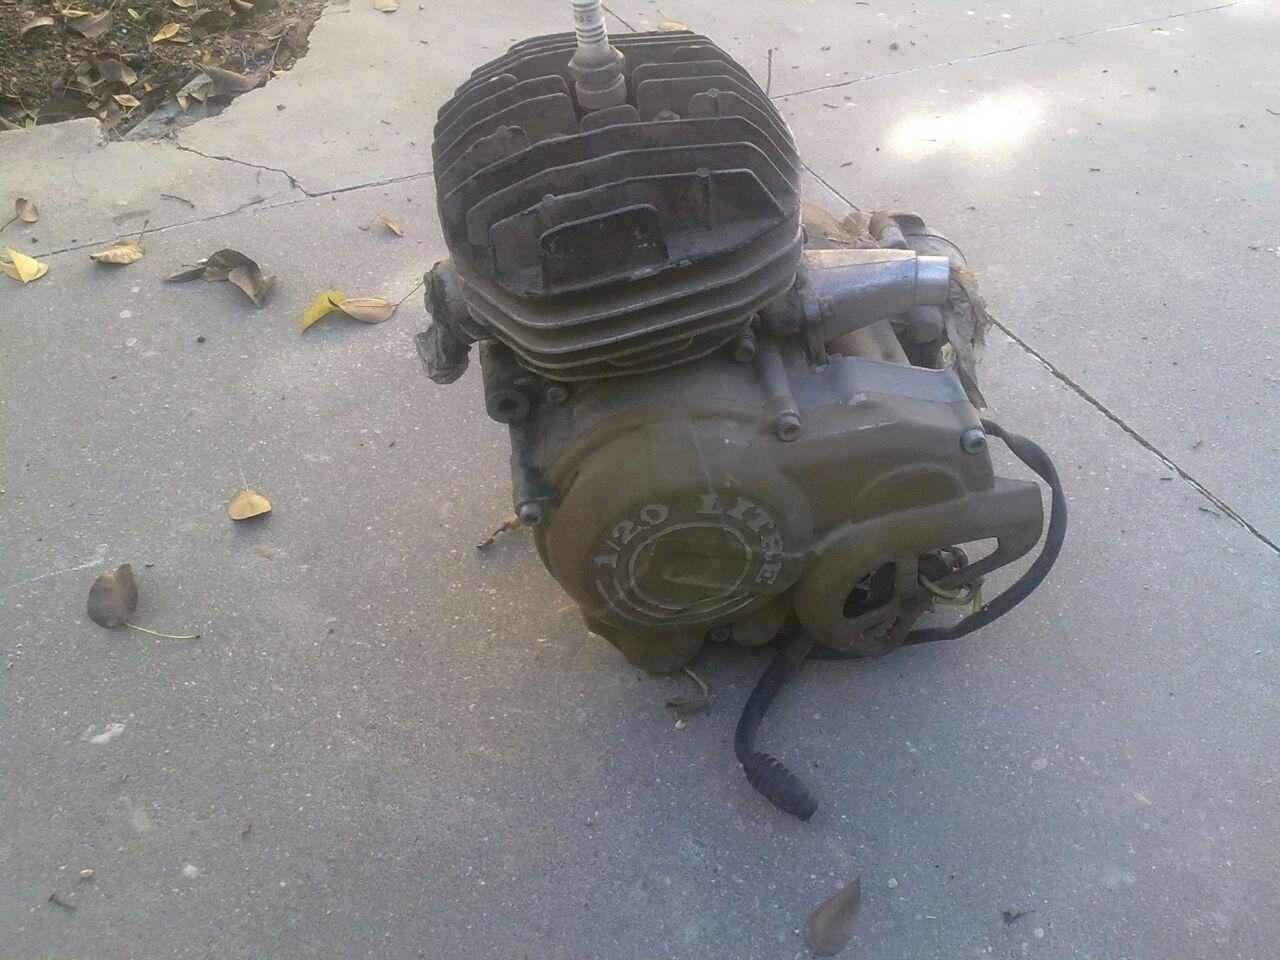 Identificar motor Gilera Vo4f1e